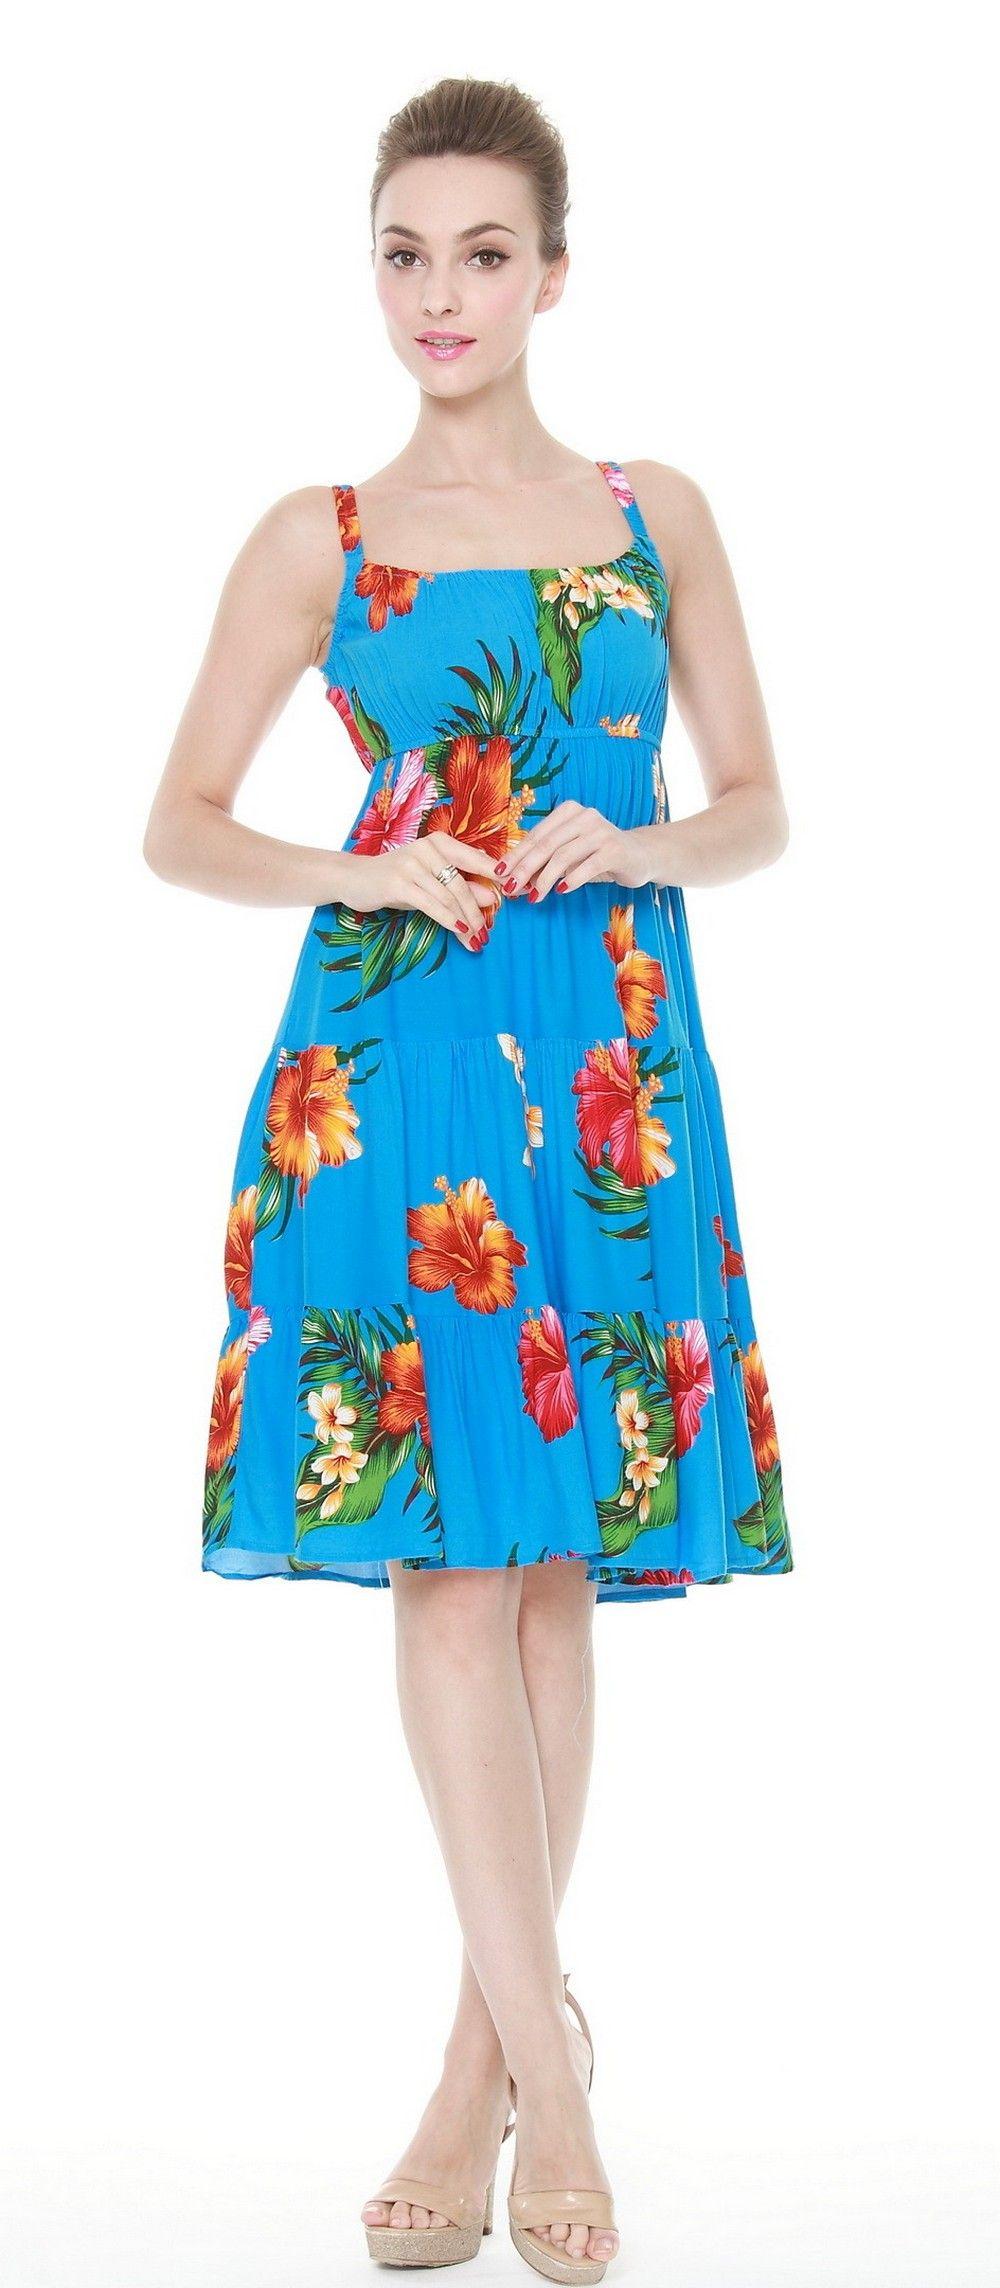 Triple Tier Flowy Luau Dress in Turquoise Floral | Luau dress ...